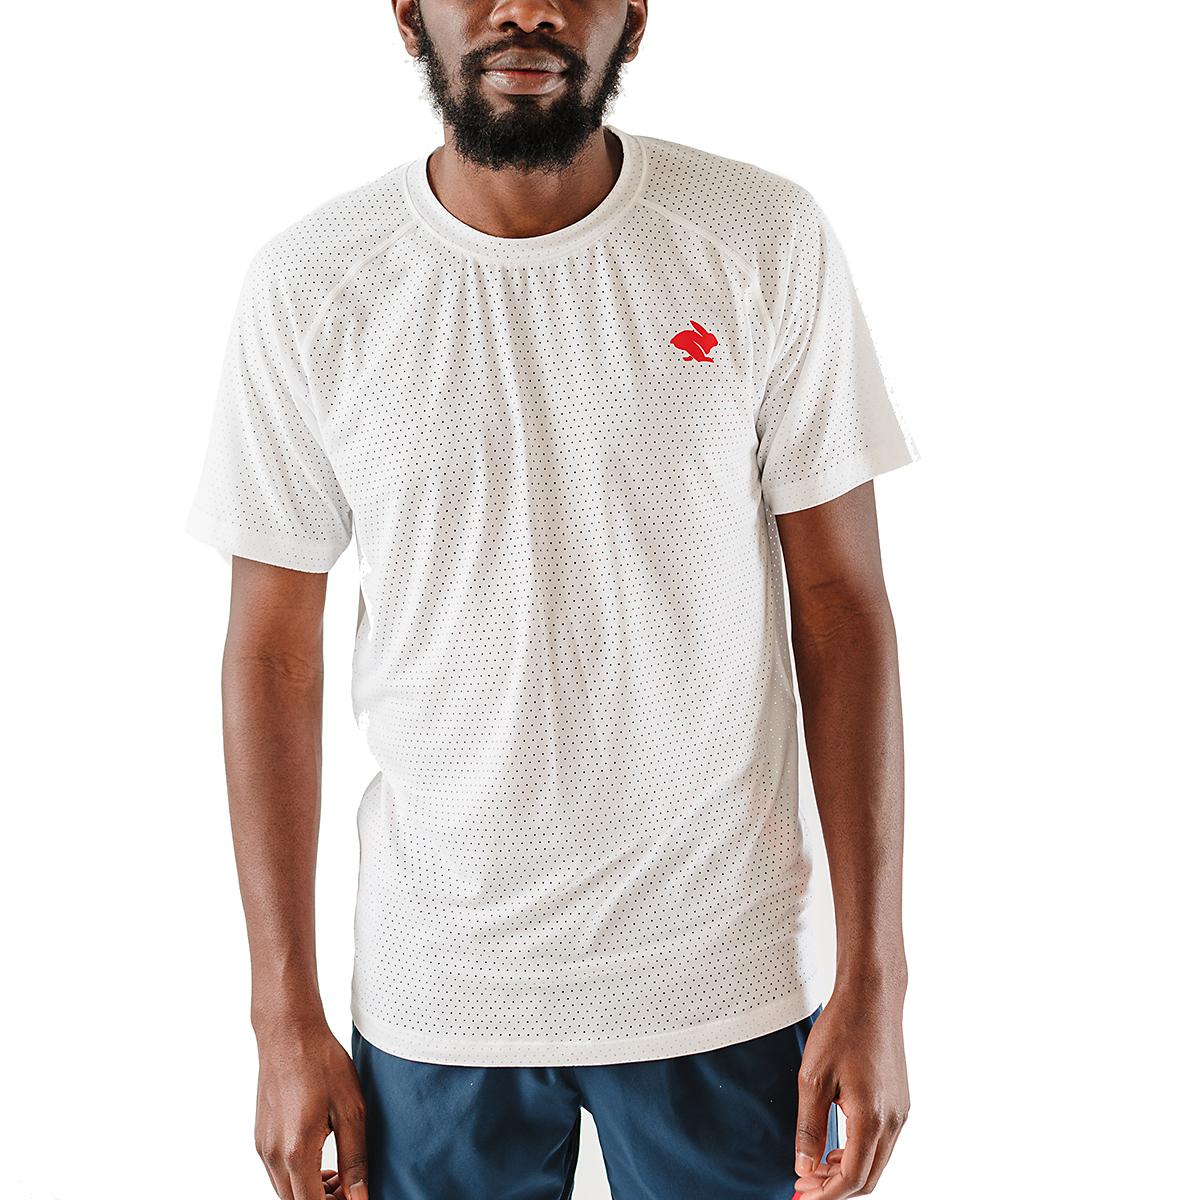 Men's Rabbit EZ Tee Perf Short Sleeve - JackRabbit Exclusive - Color: White - Size: S, White, large, image 1